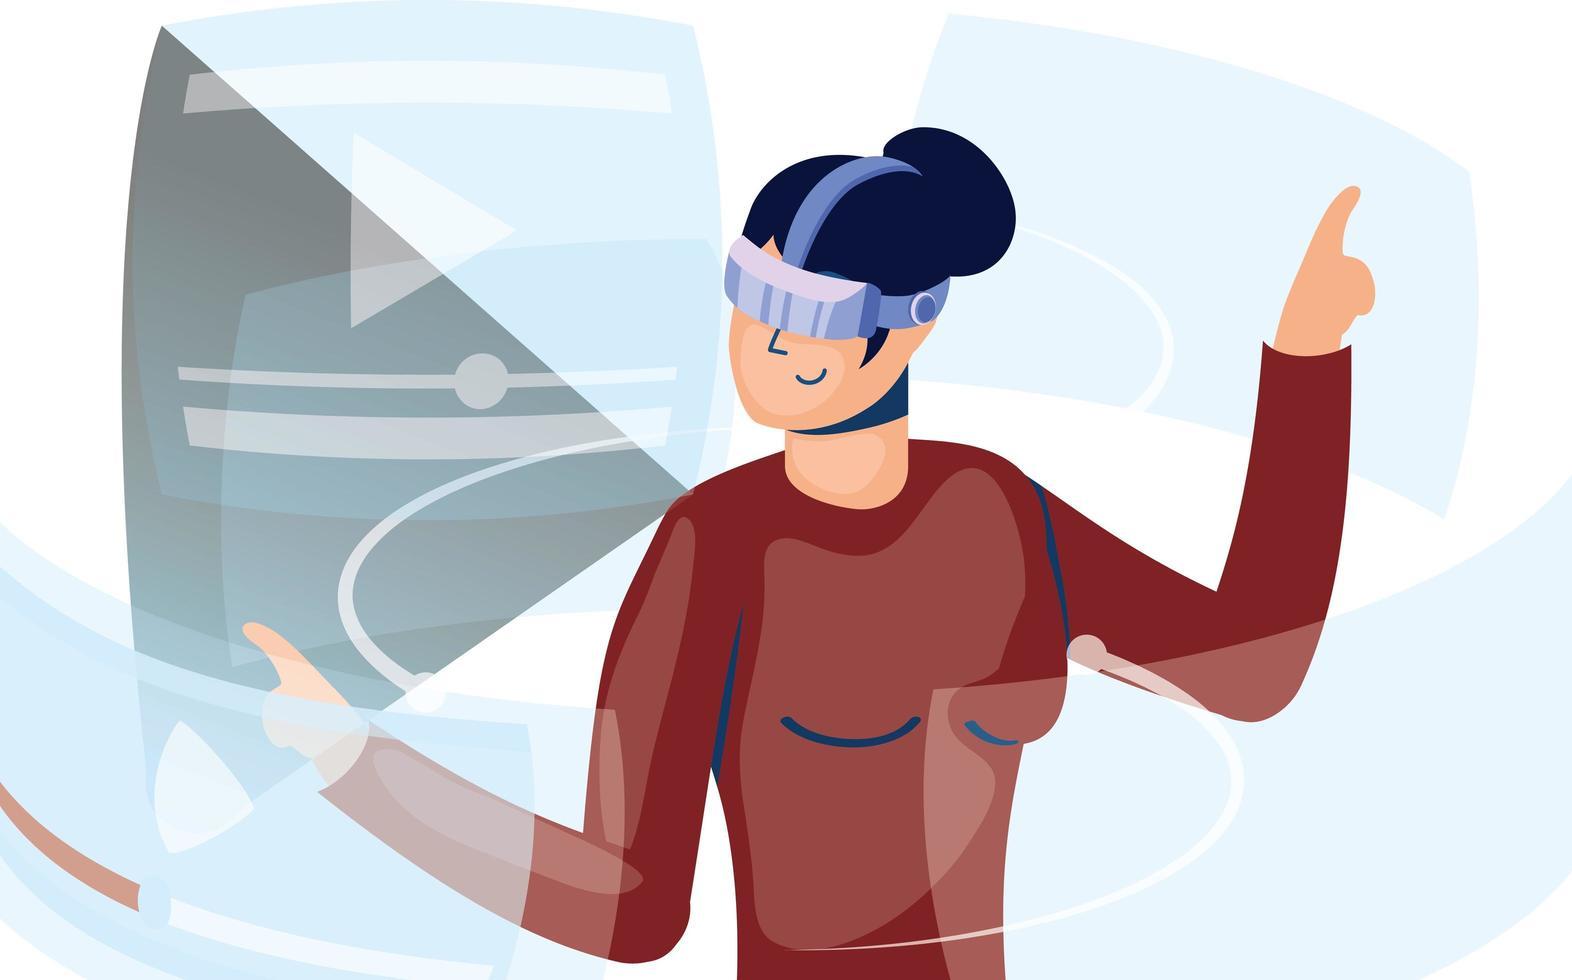 vrouw met behulp van virtual reality-technologie in interactieve weergave vector